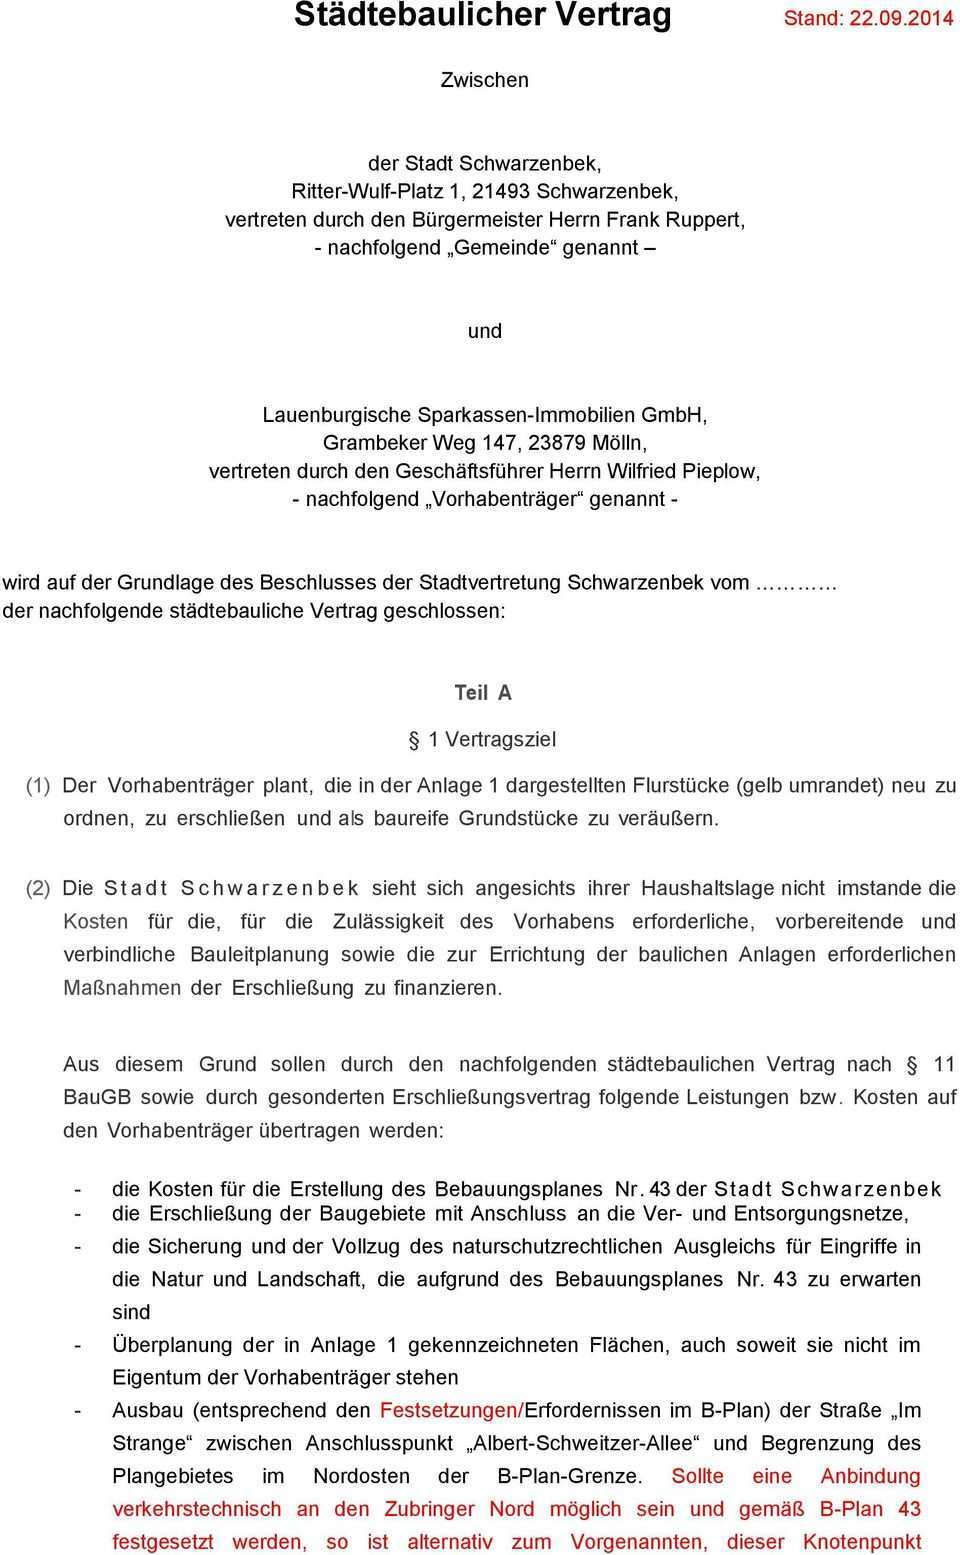 Stadtebaulicher Vertrag Stand Pdf Kostenfreier Download